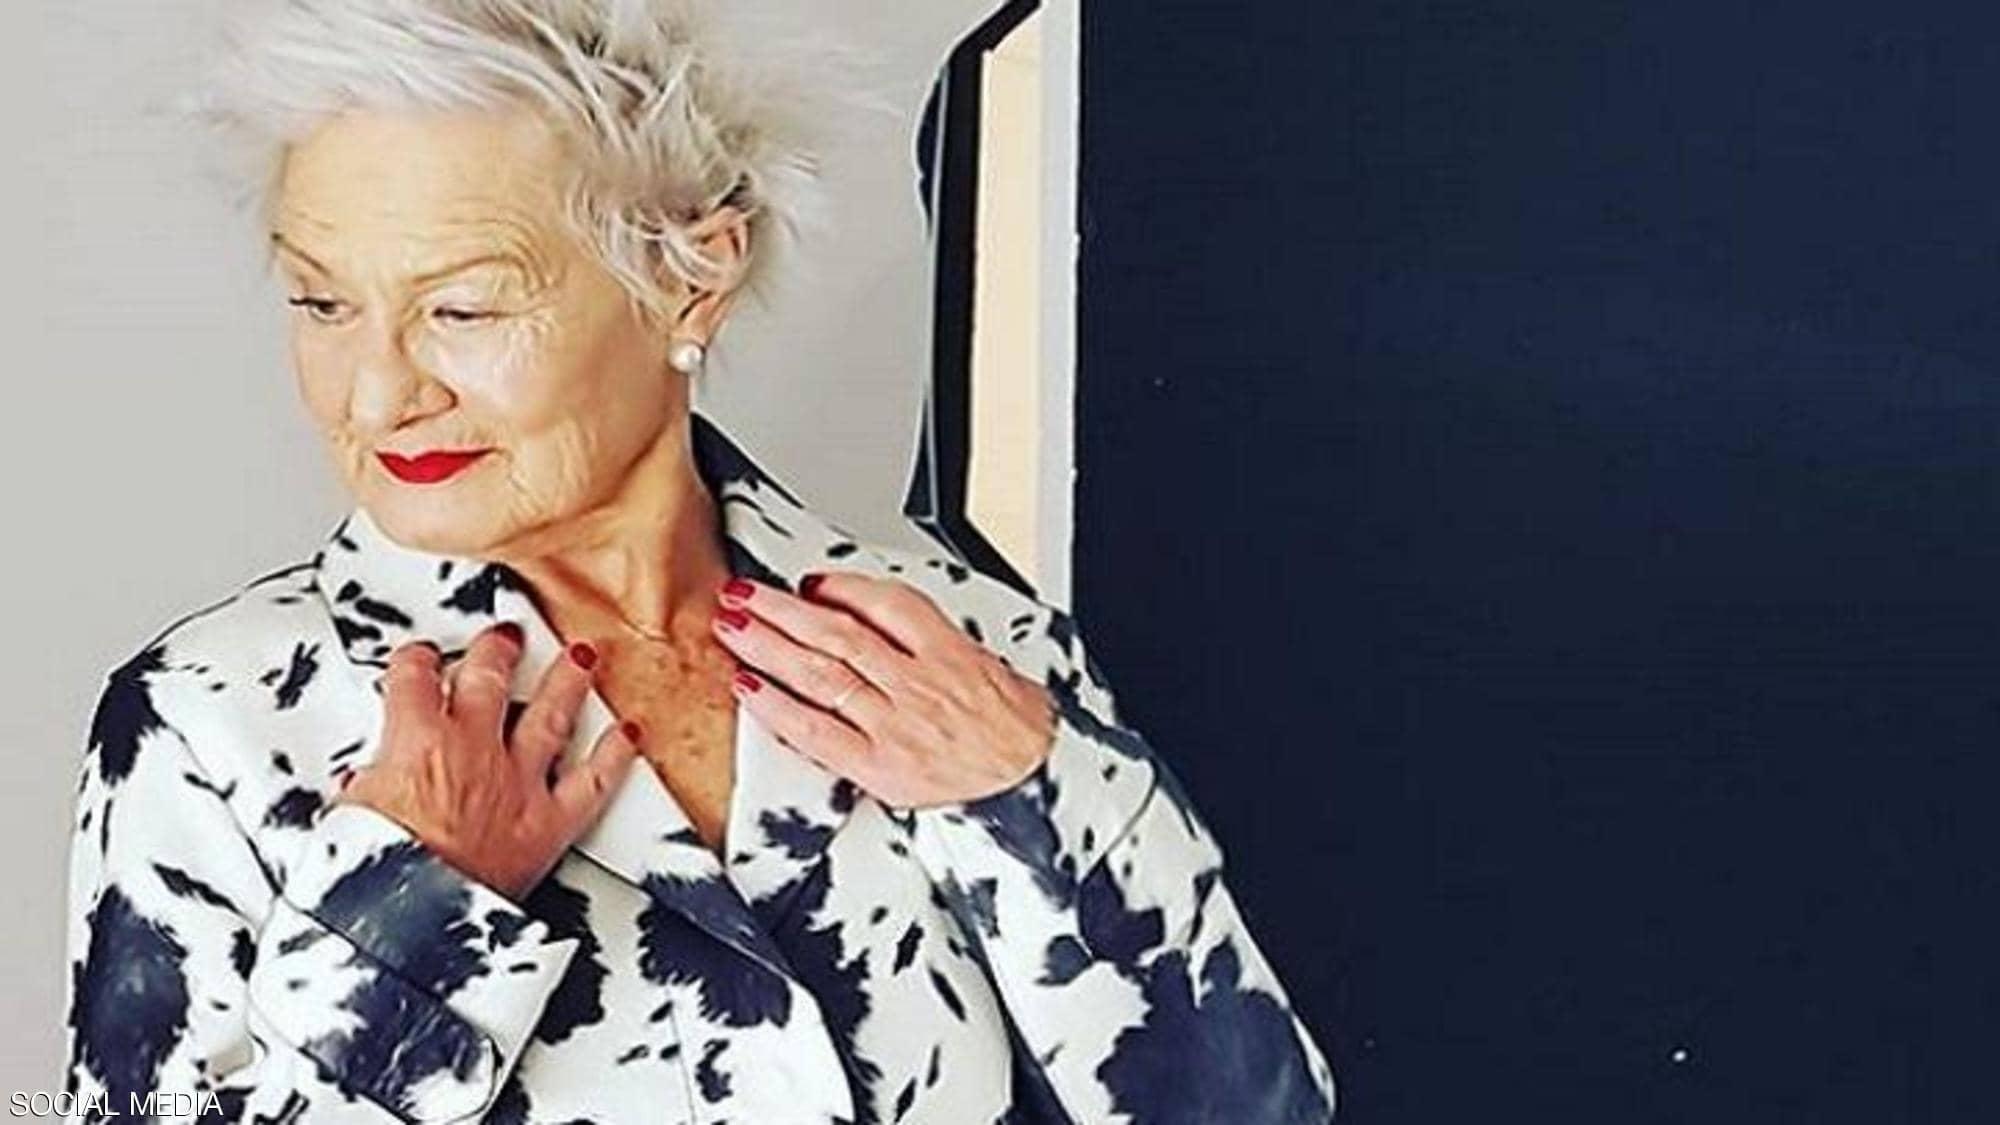 عجوز تحقق حلمها وتصبح عارضة أزياء في سن الثمانين